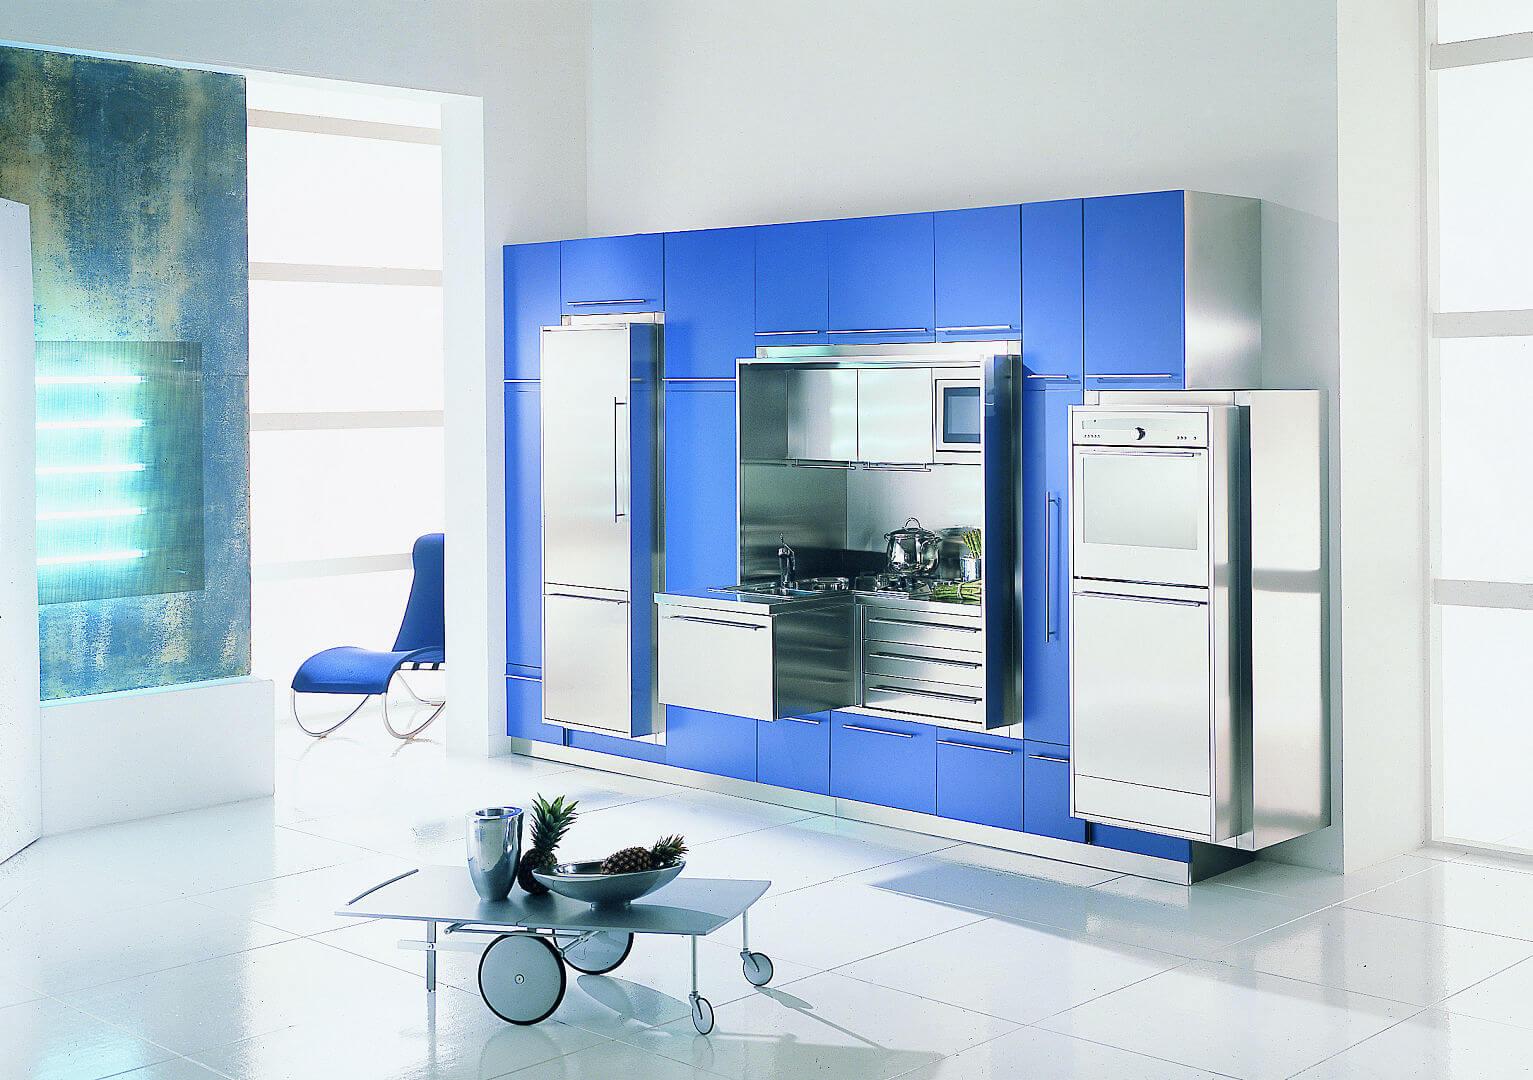 Arca Cucine Italia - Cucine Domestiche Acciaio Inox - Wall - Sospesa